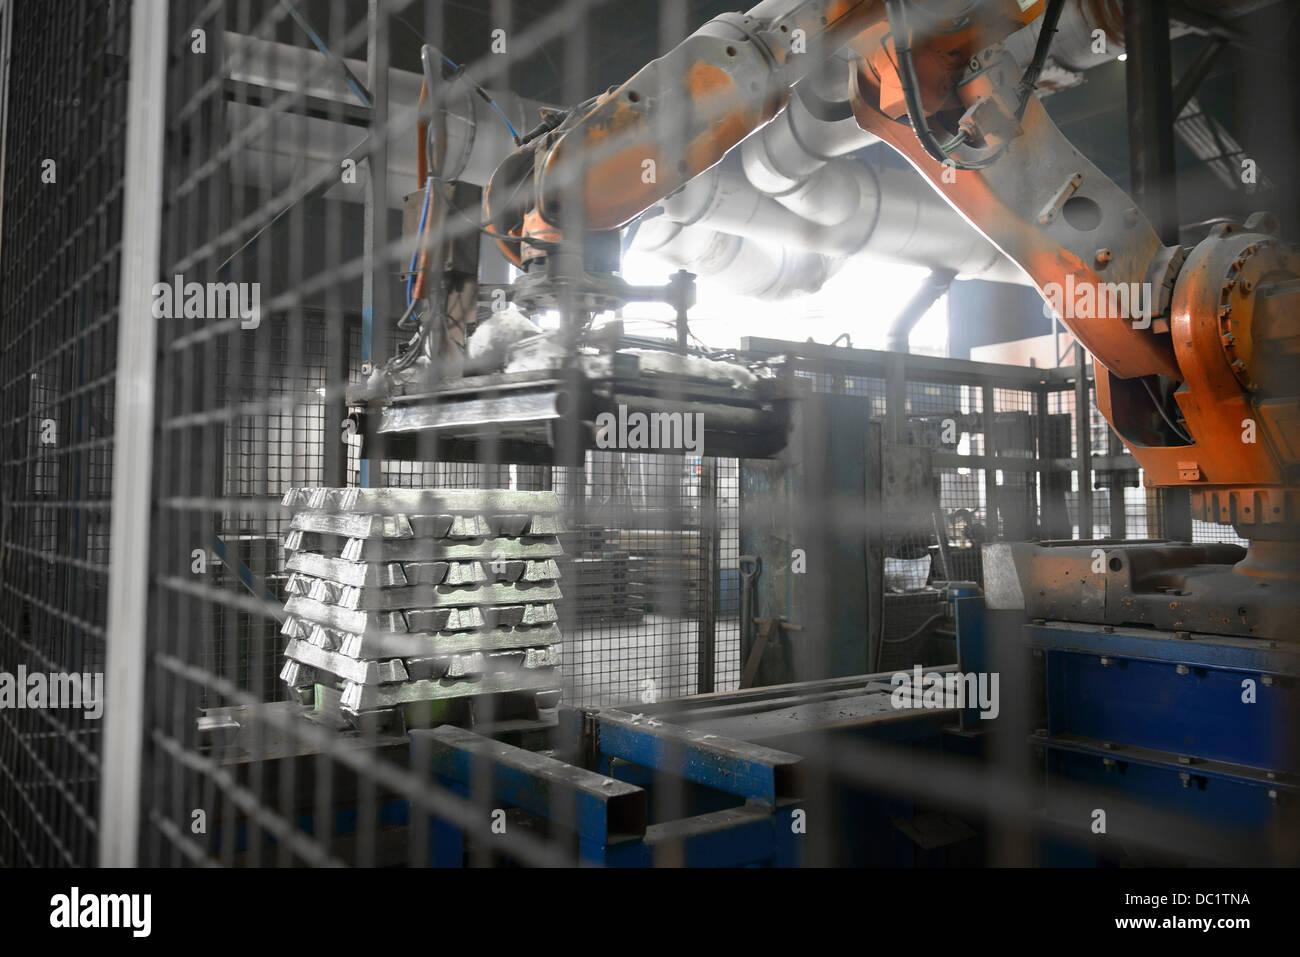 Pesanti macchinari di sollevamento lingotti di metallo in alluminio impianto di riciclaggio Immagini Stock